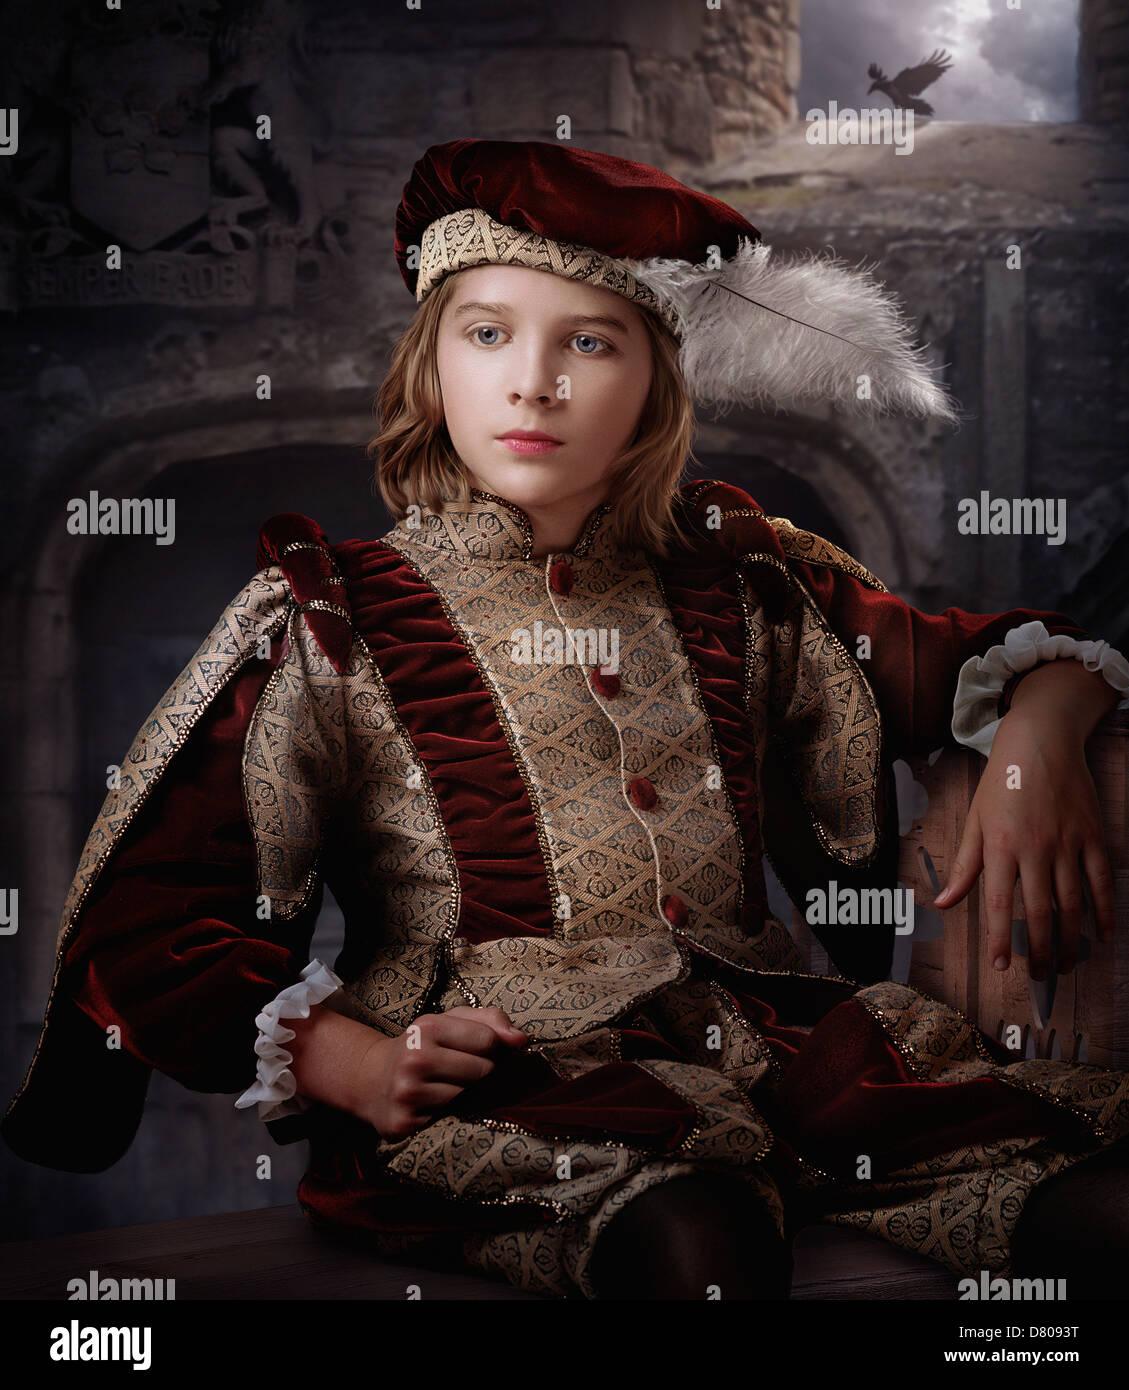 Kaukasische junge in prunkvollen Kostümen Stockfoto